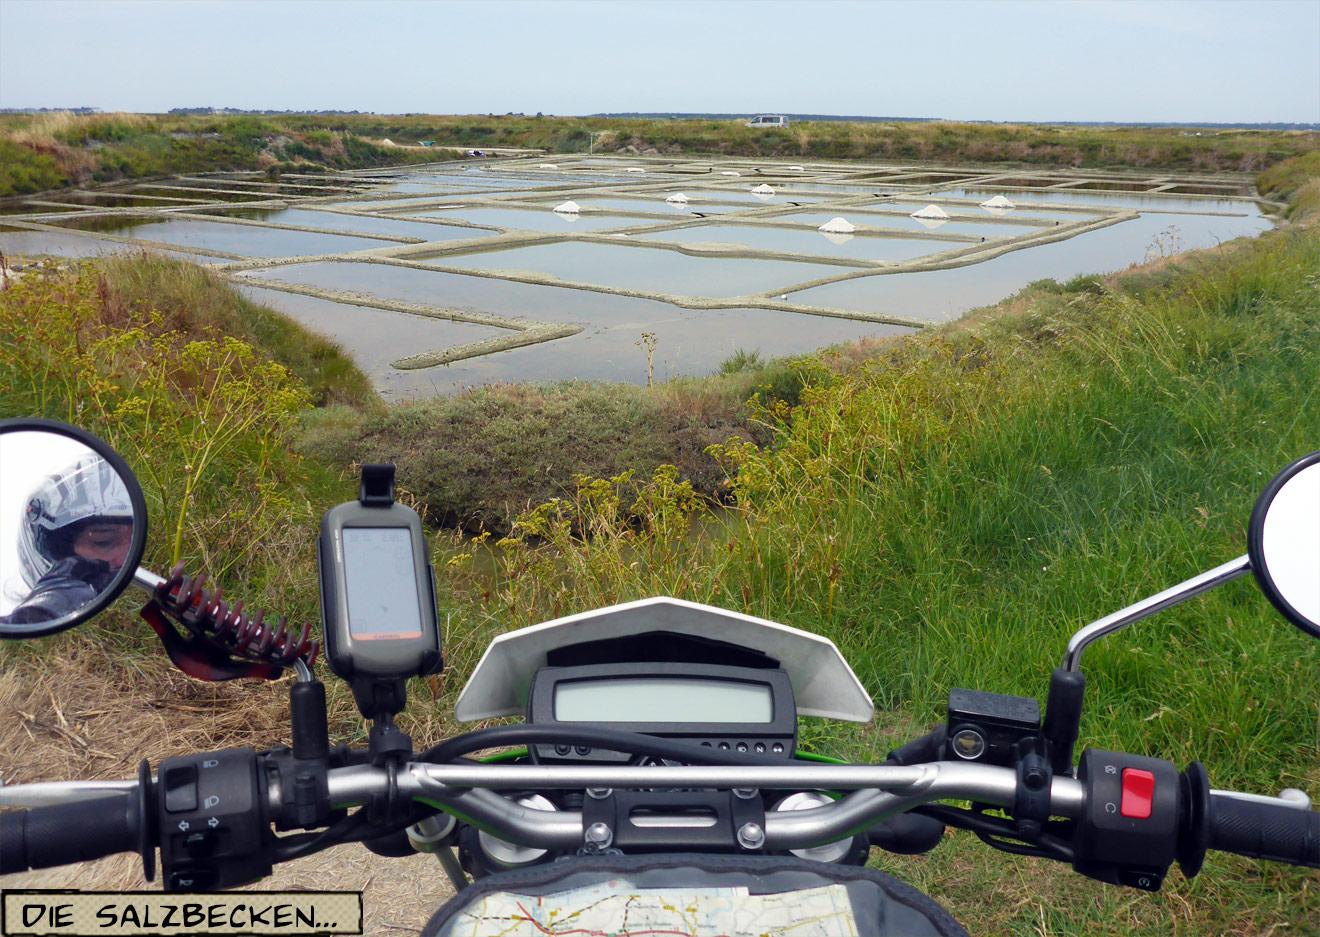 Salzbecken in der Bretagne